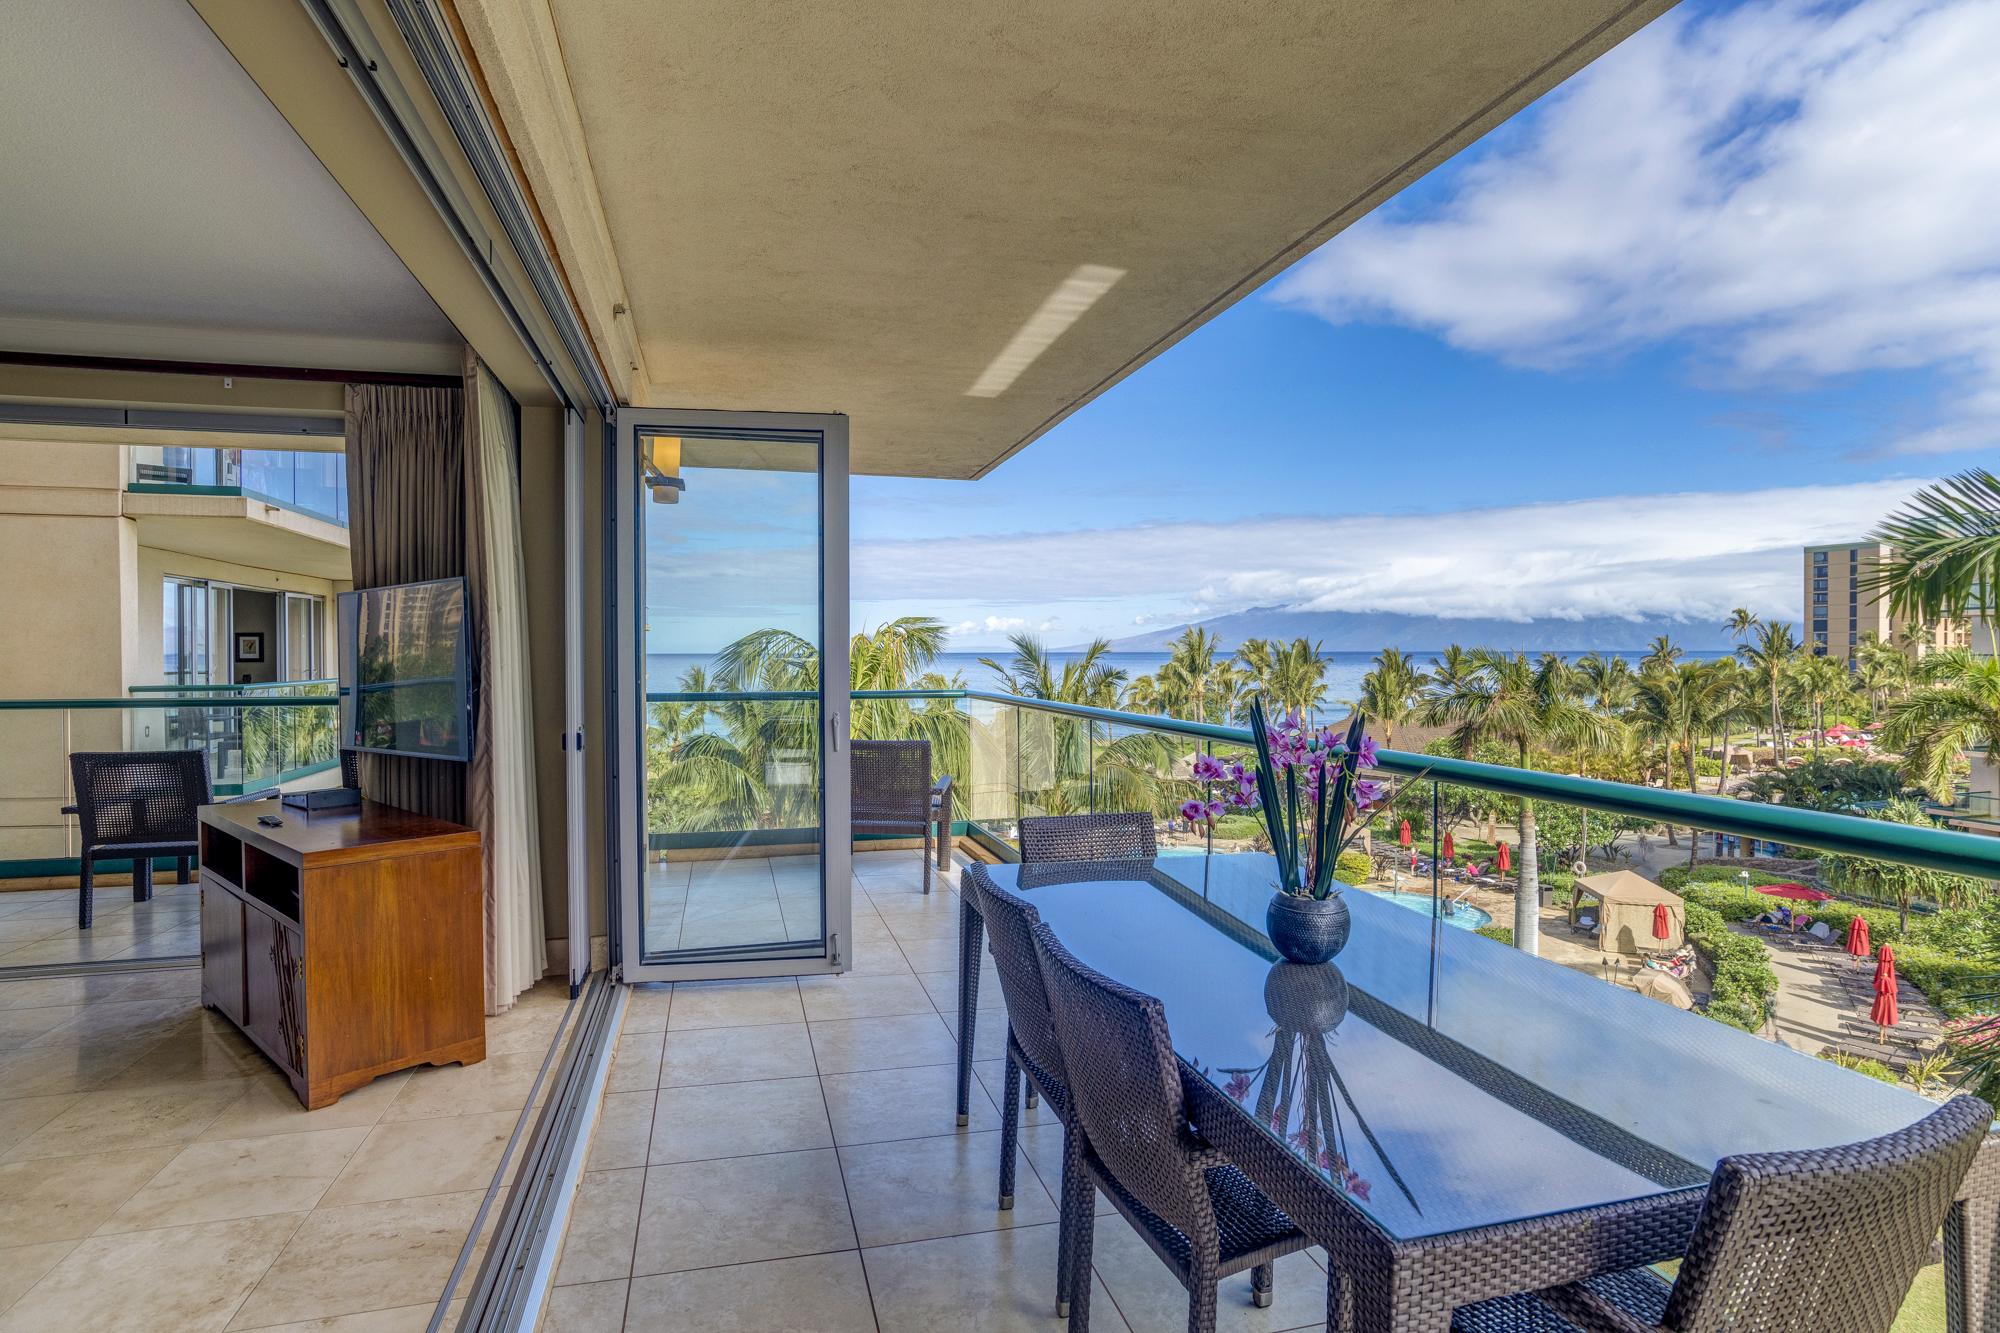 Hawaii Vacation Rental Home Maui